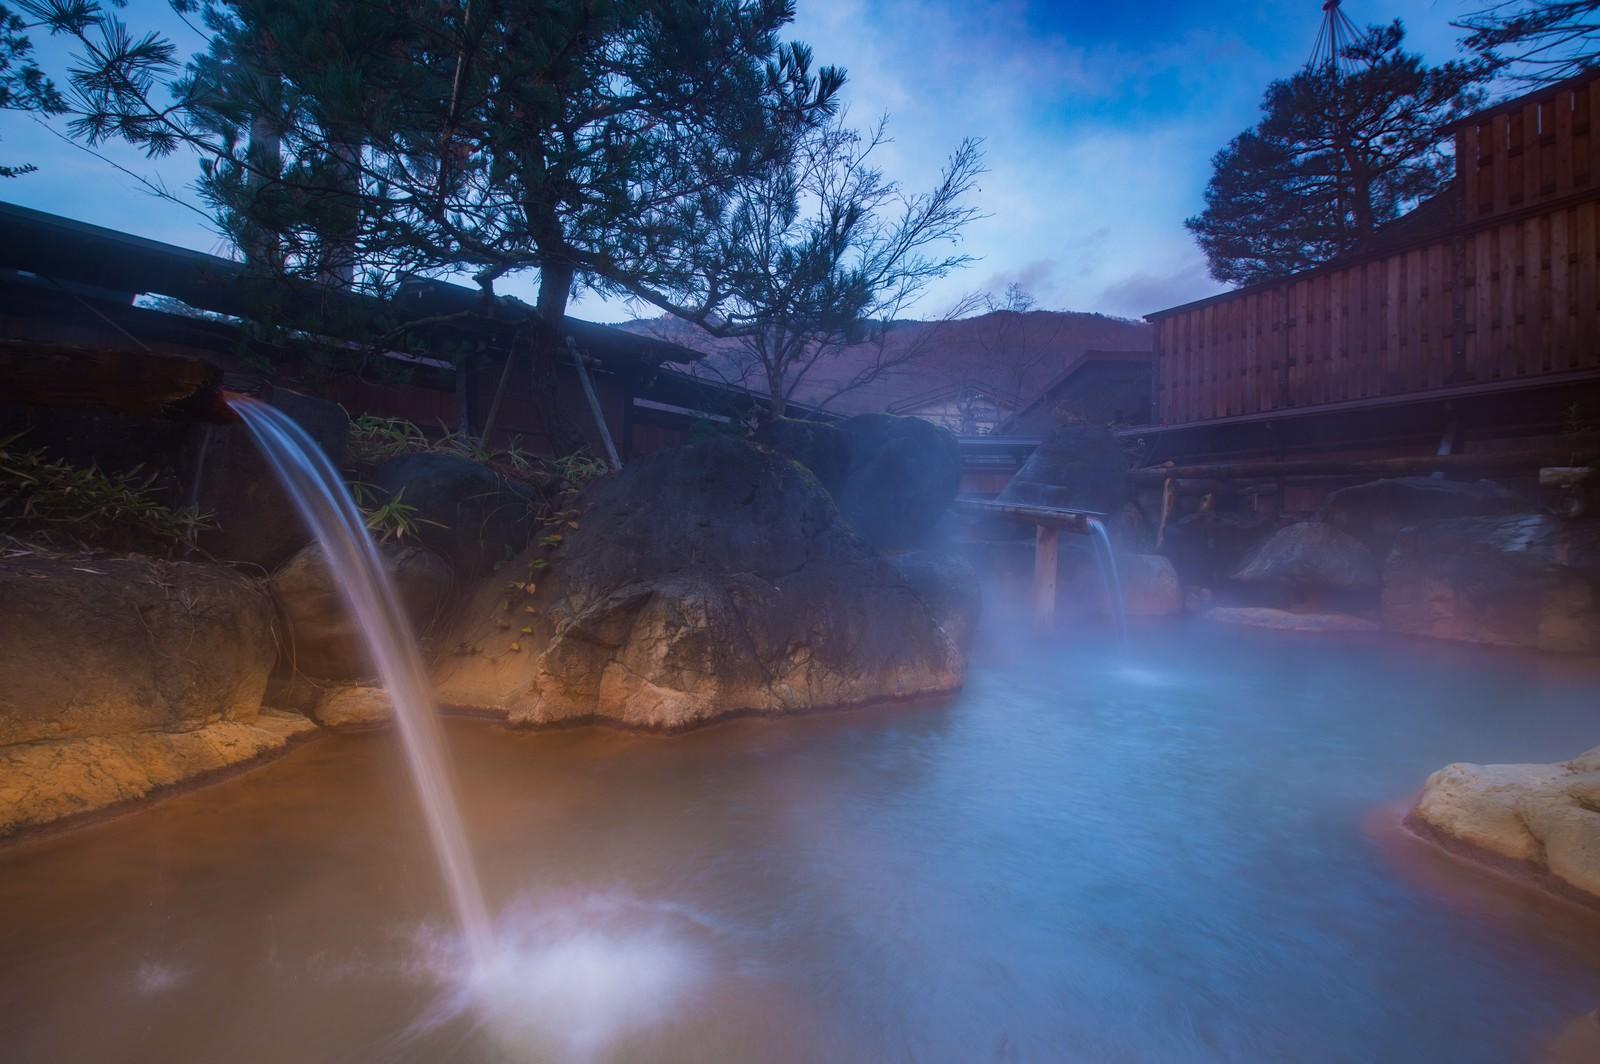 「豊かすぎる源泉を出し惜しみなく注ぎ込み平湯館の岩露天風呂」の写真